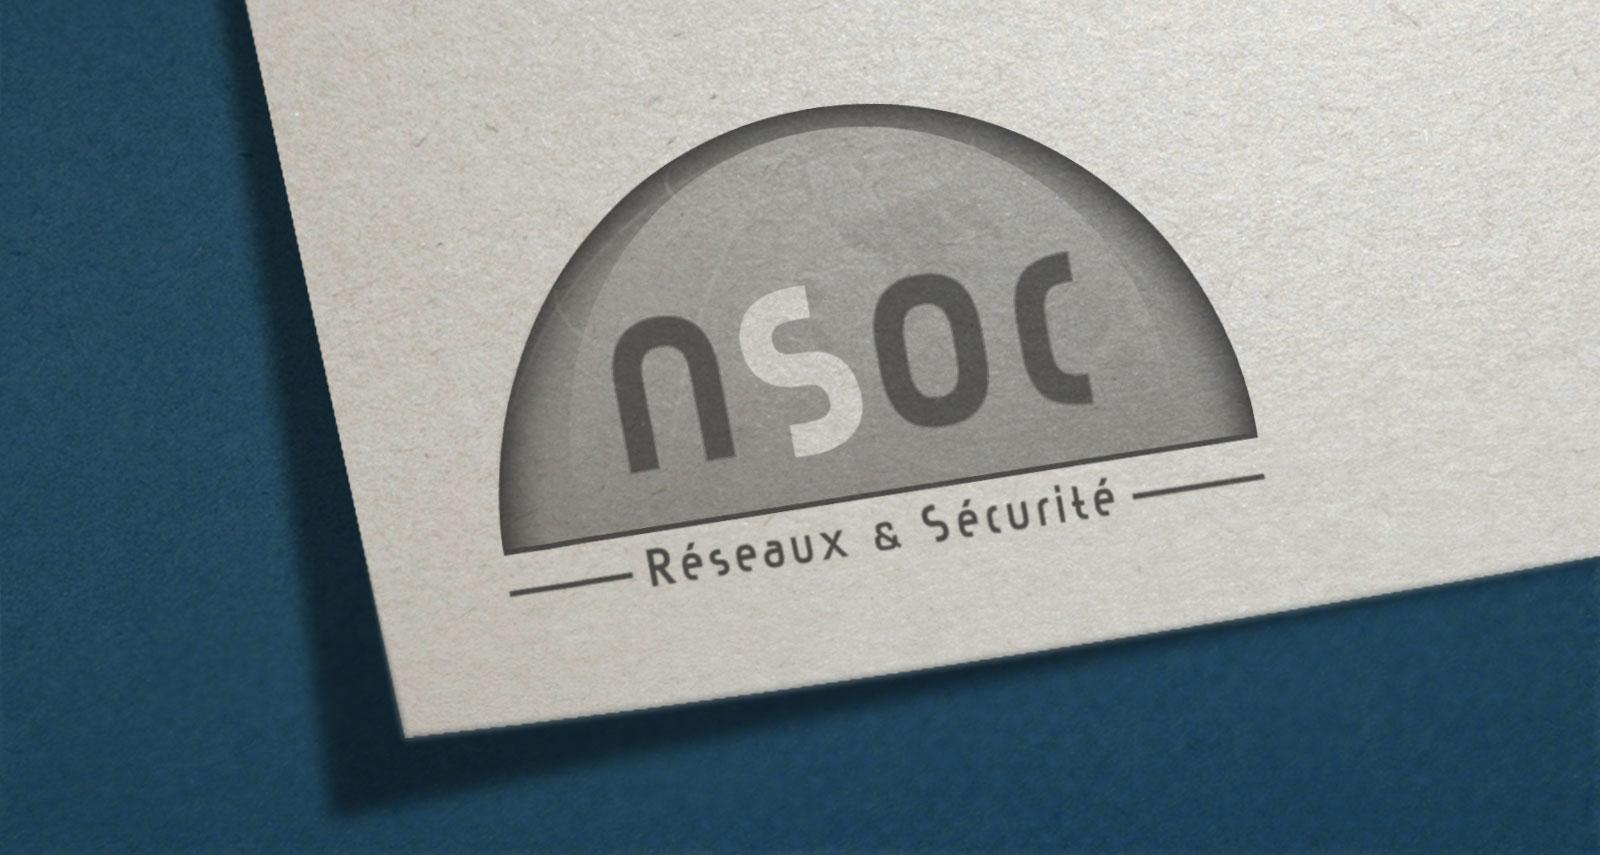 Nsoc - Réseau et sécurité